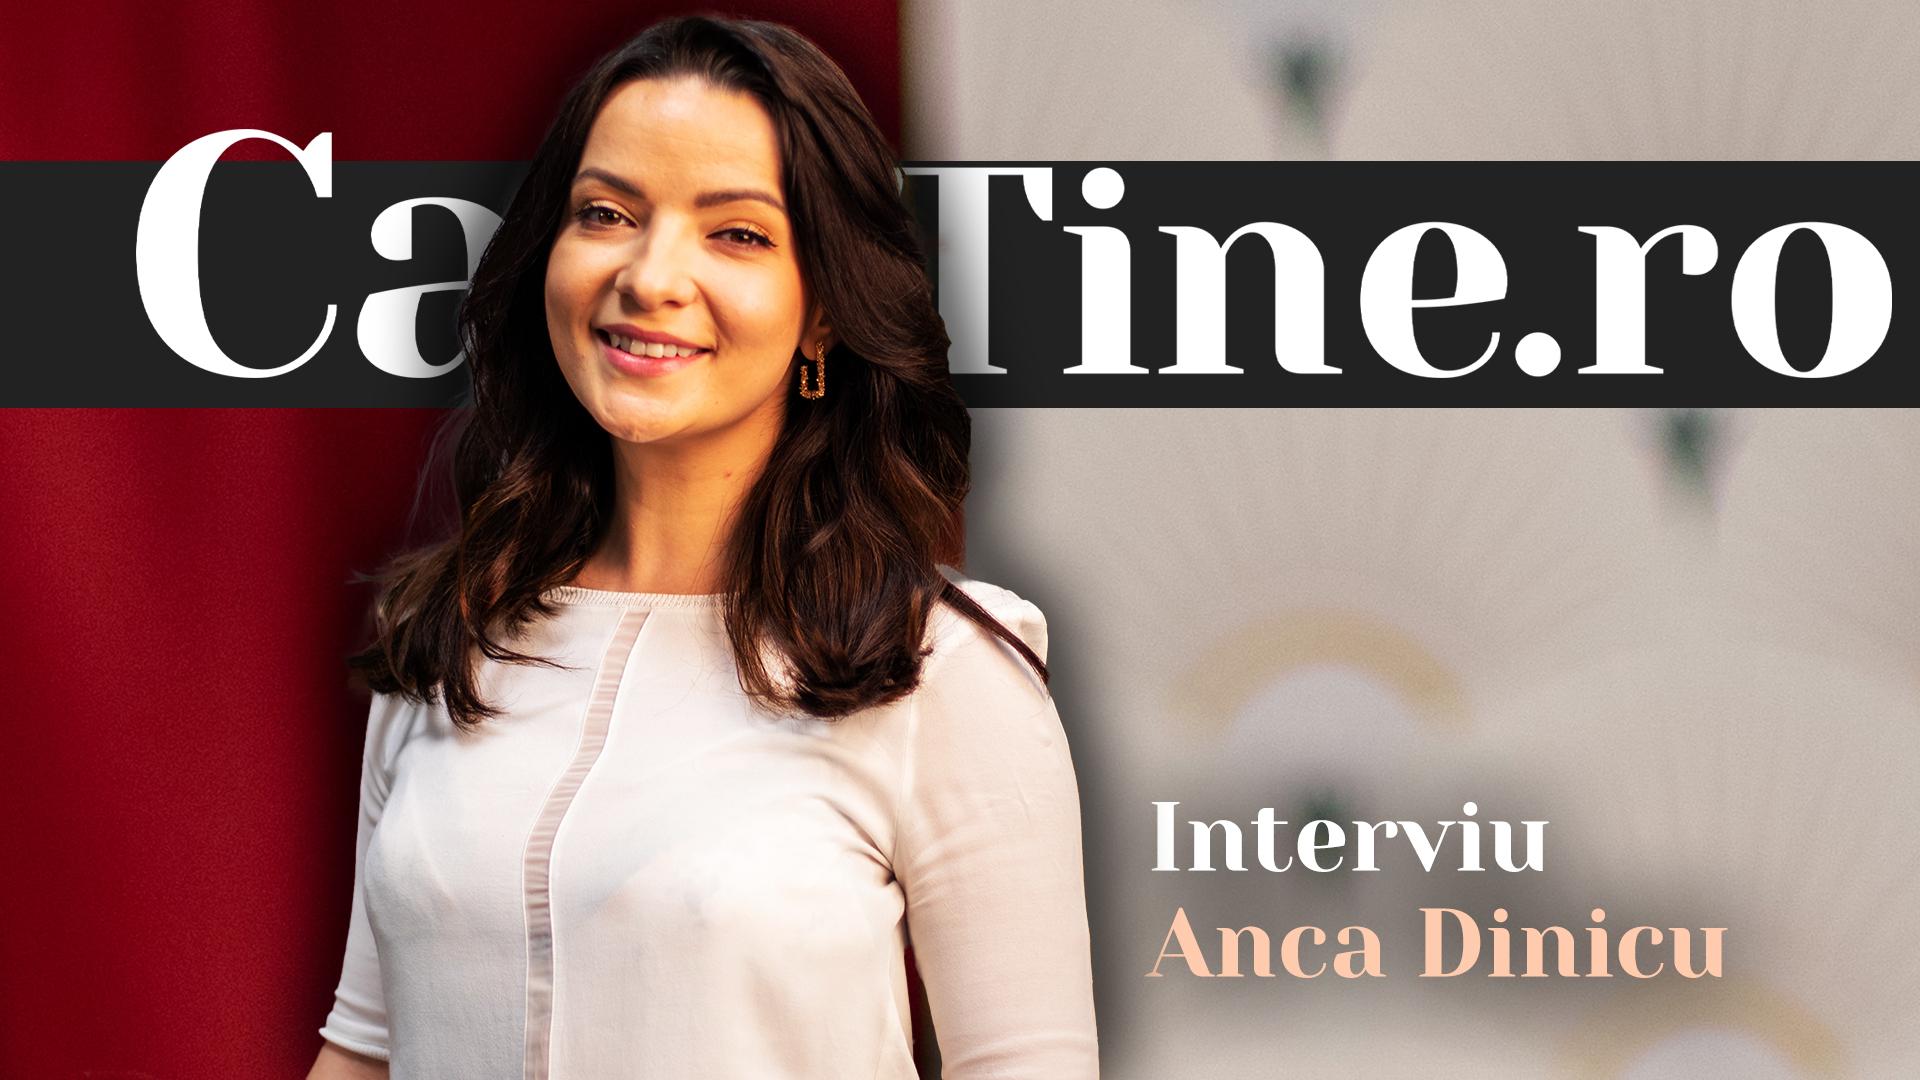 CaTine.Ro - Interviu Anca Dinicu - Amuzantă